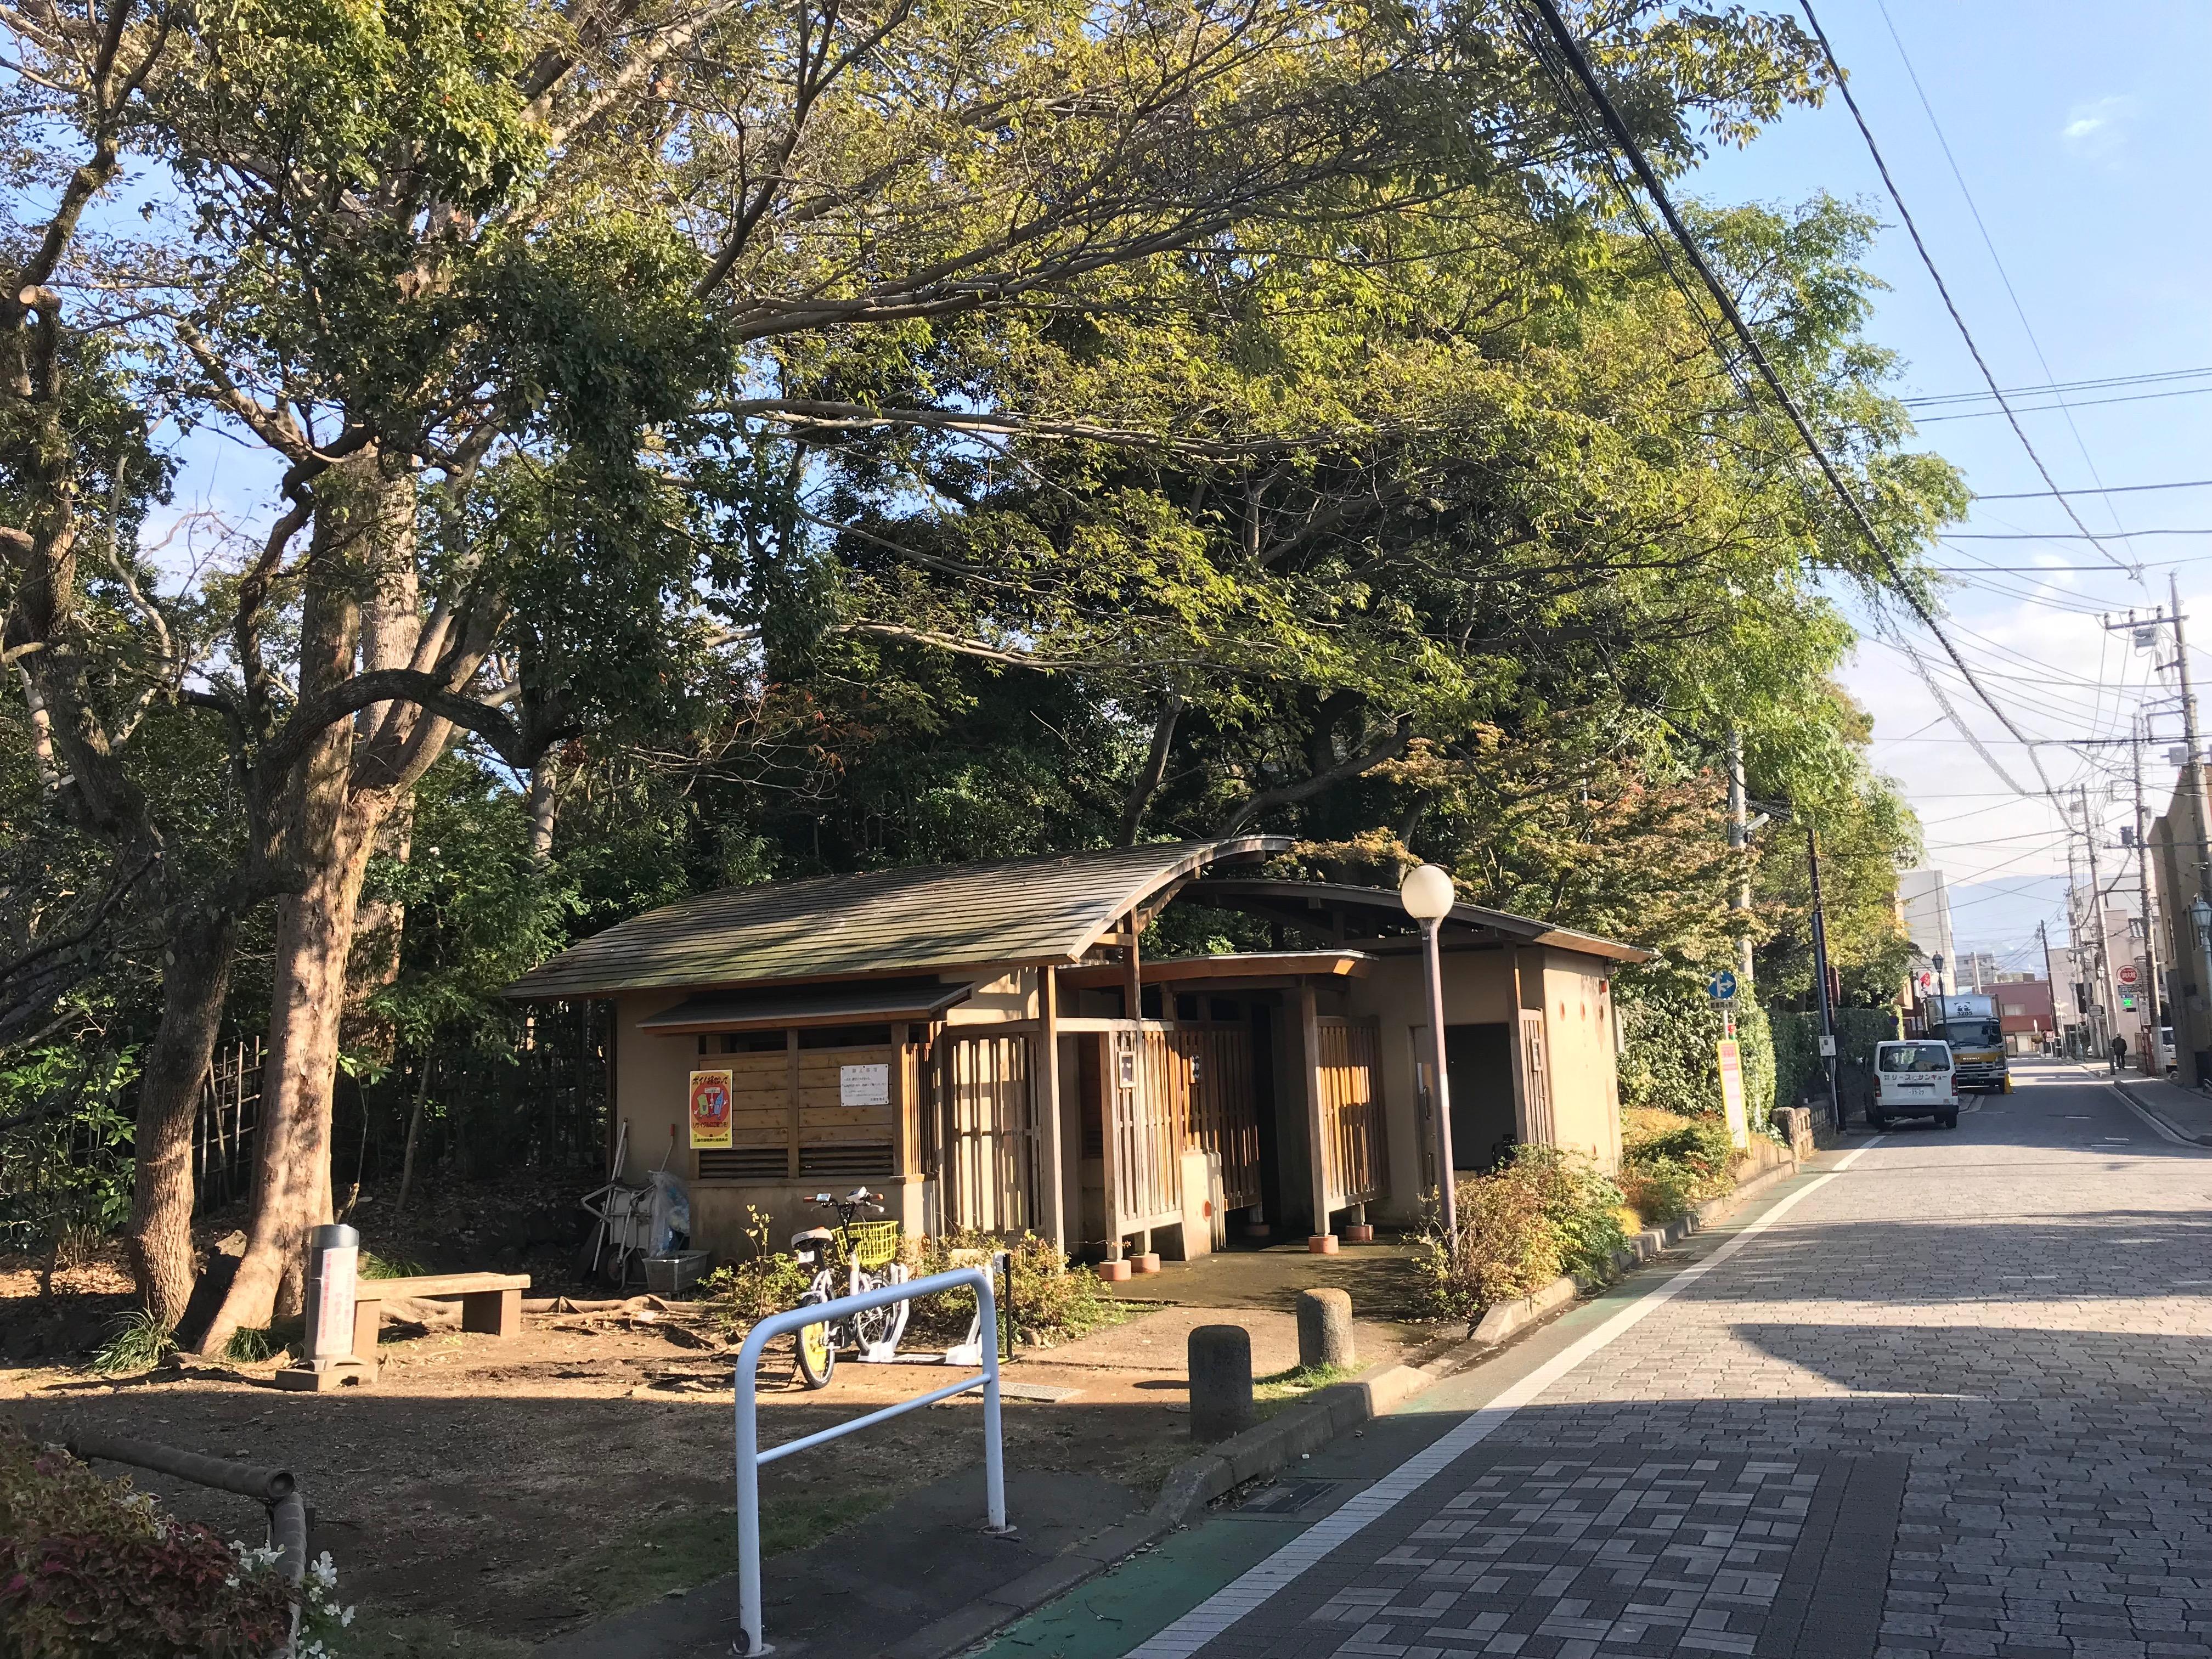 楽寿園南口トイレ付近 (HELLO CYCLING ポート) image